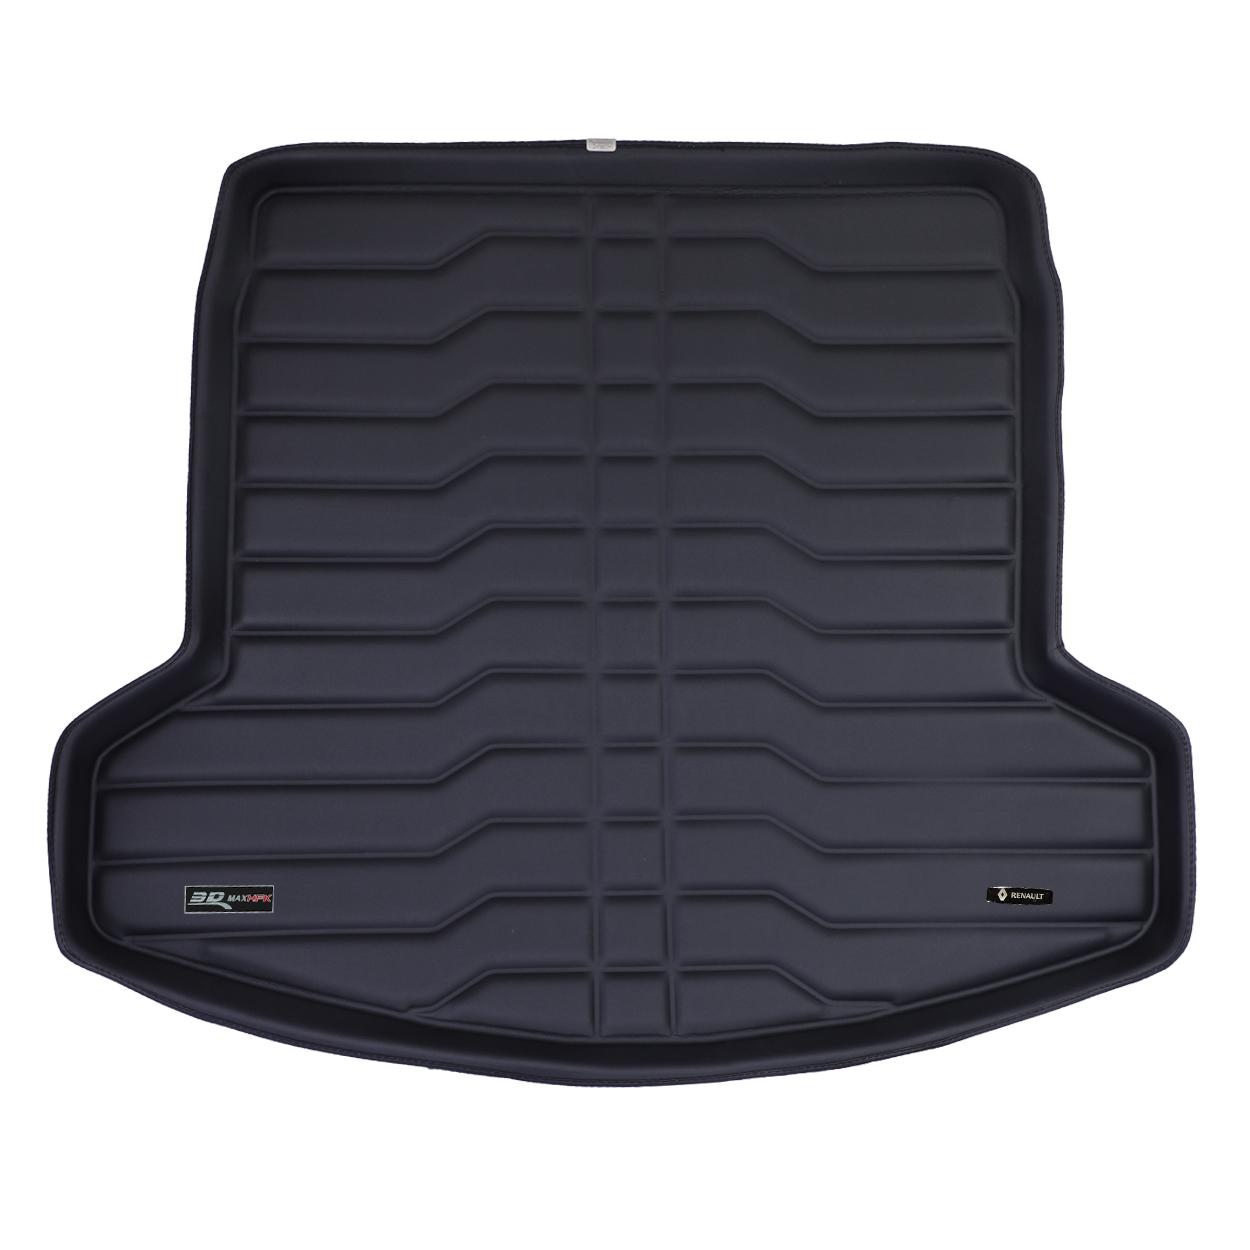 کفپوش سه بعدی صندوق خودرو تری دی مکس اچ اف کی مدل HS1125452 مناسب برای رنو تالیسمان